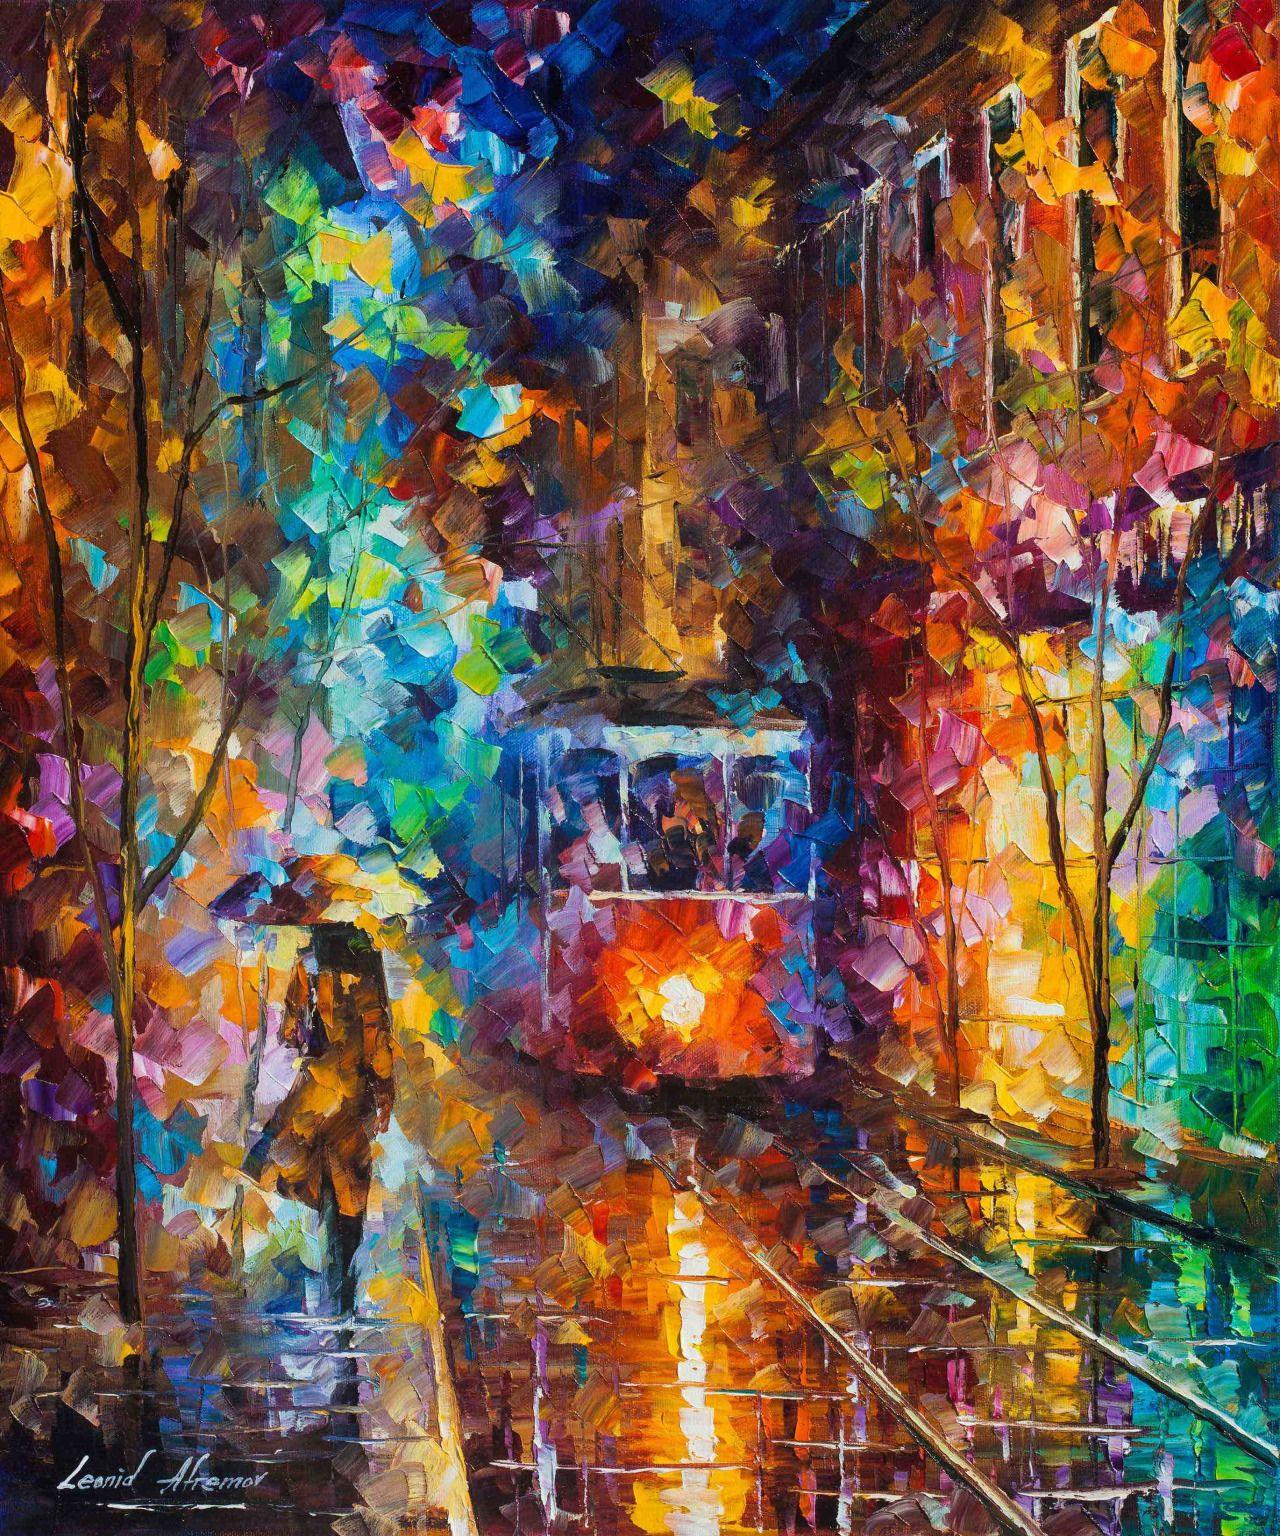 """Nouvelle peinture de mon automne 2016 Collection """"Soirée Trolley"""" Palette Knife Peinture à l'huile - Wall Art Canvas 20 """"X24"""" Acheter ici - http://bit.ly/evening_trolley_BUY_NOW"""